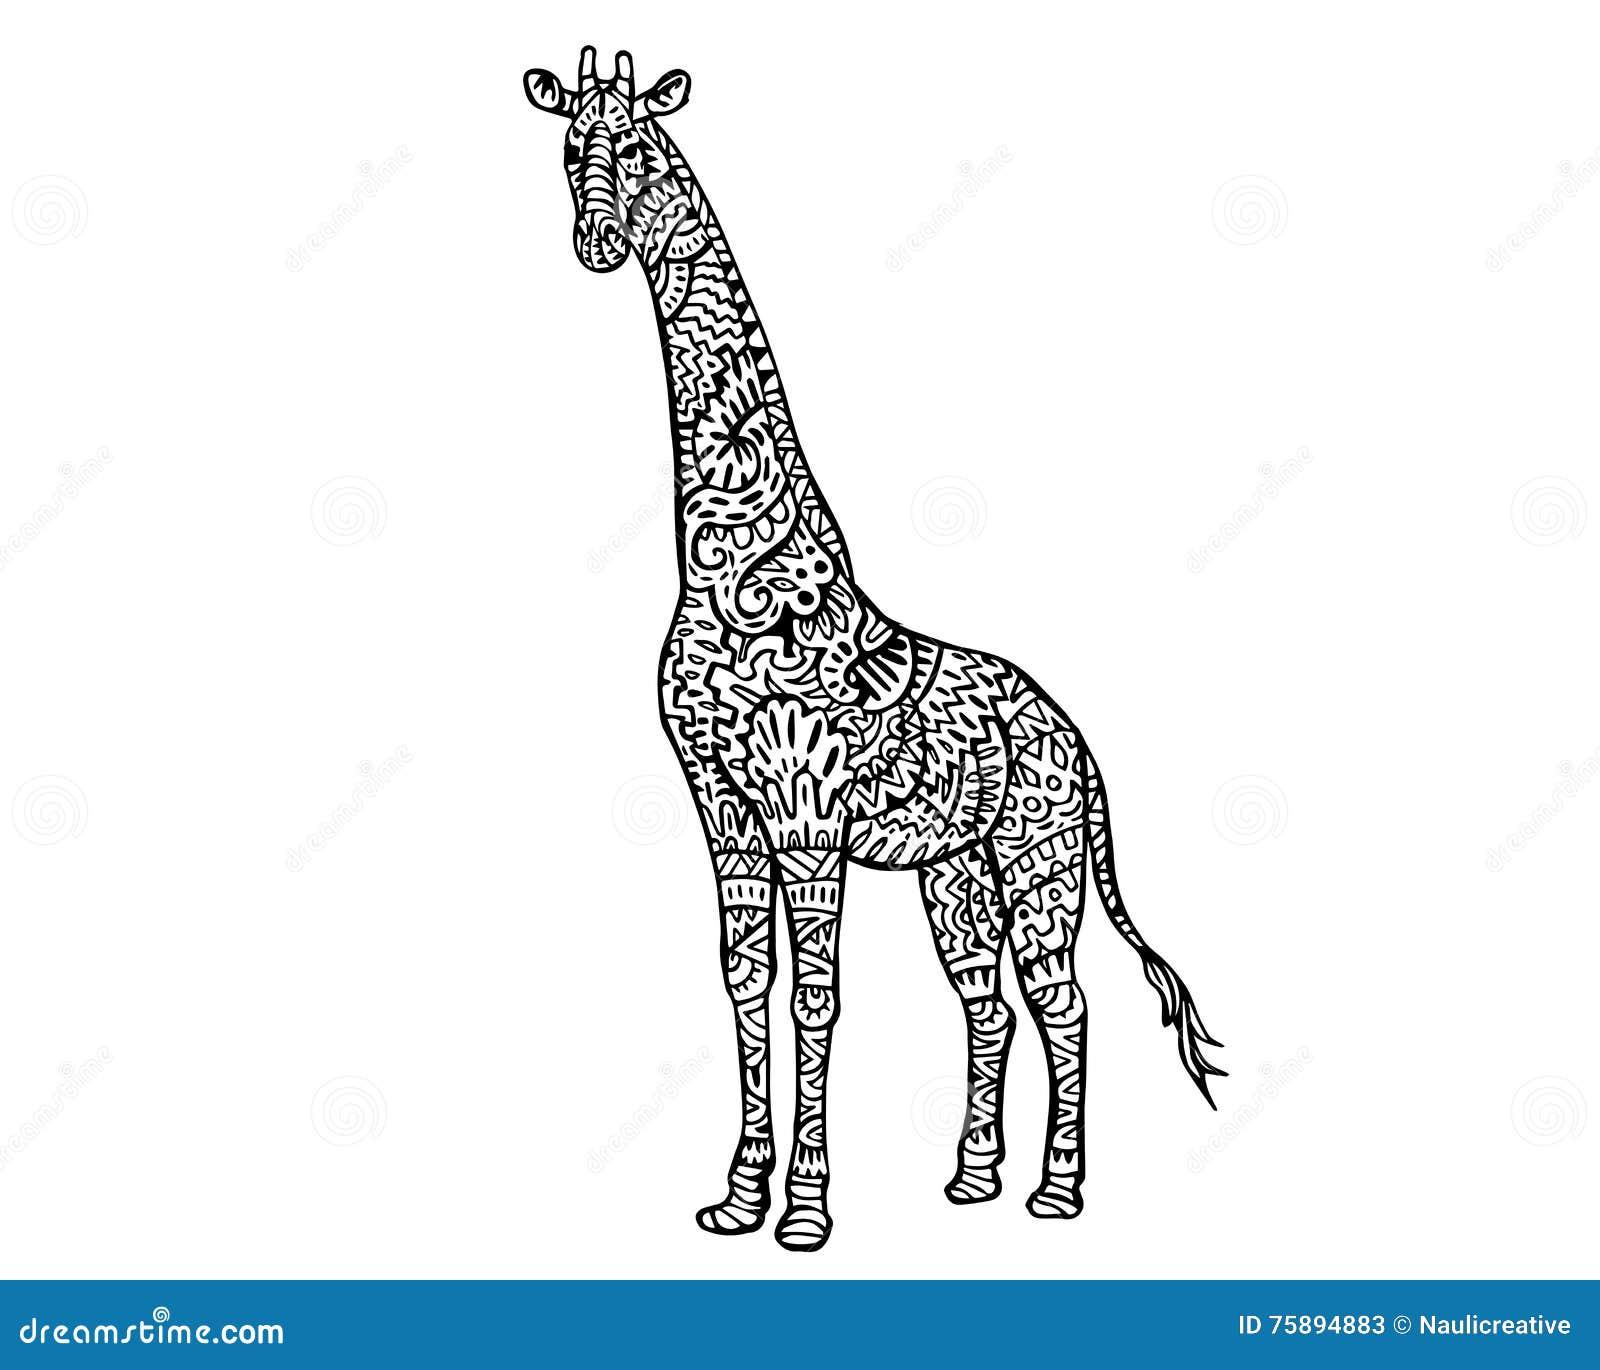 Ethnic Animal Doodle Detail Pattern